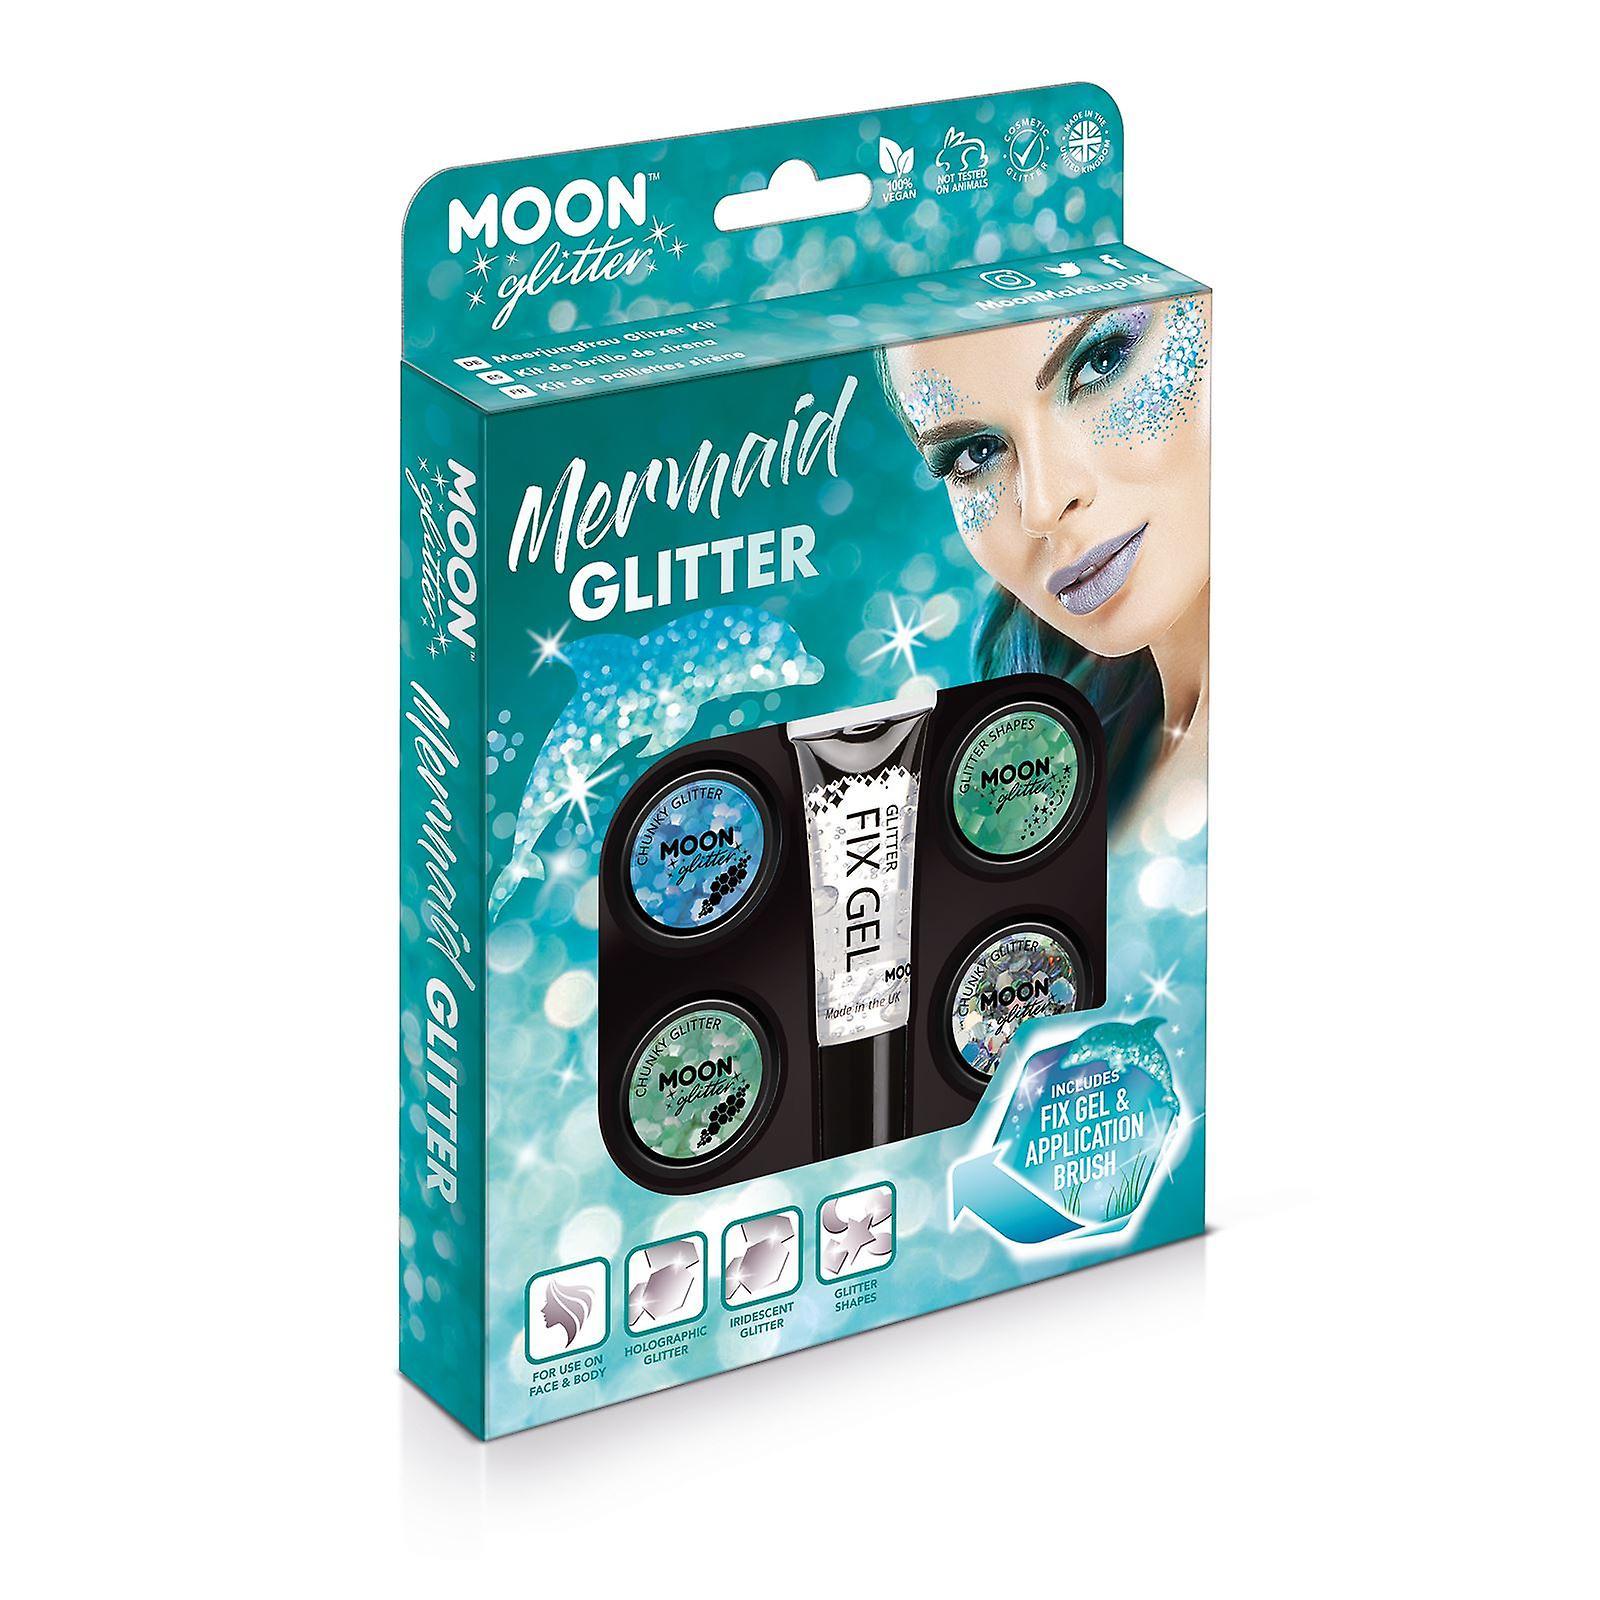 VisageCorpsOnglesCheveux Les GlitterCosmétiques Par Sirène Paillettes 100Pour Et Moon Le Lèvres Kit WYH92IED